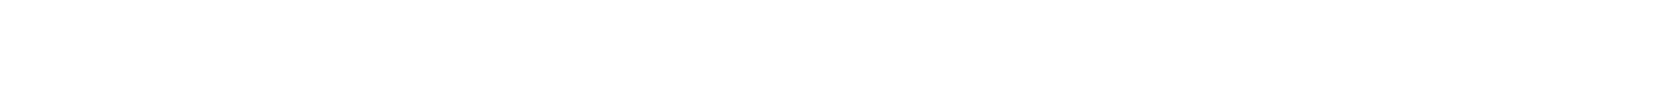 すずき社会保険労務士・FP事務所【親切・丁寧・毎月訪問】